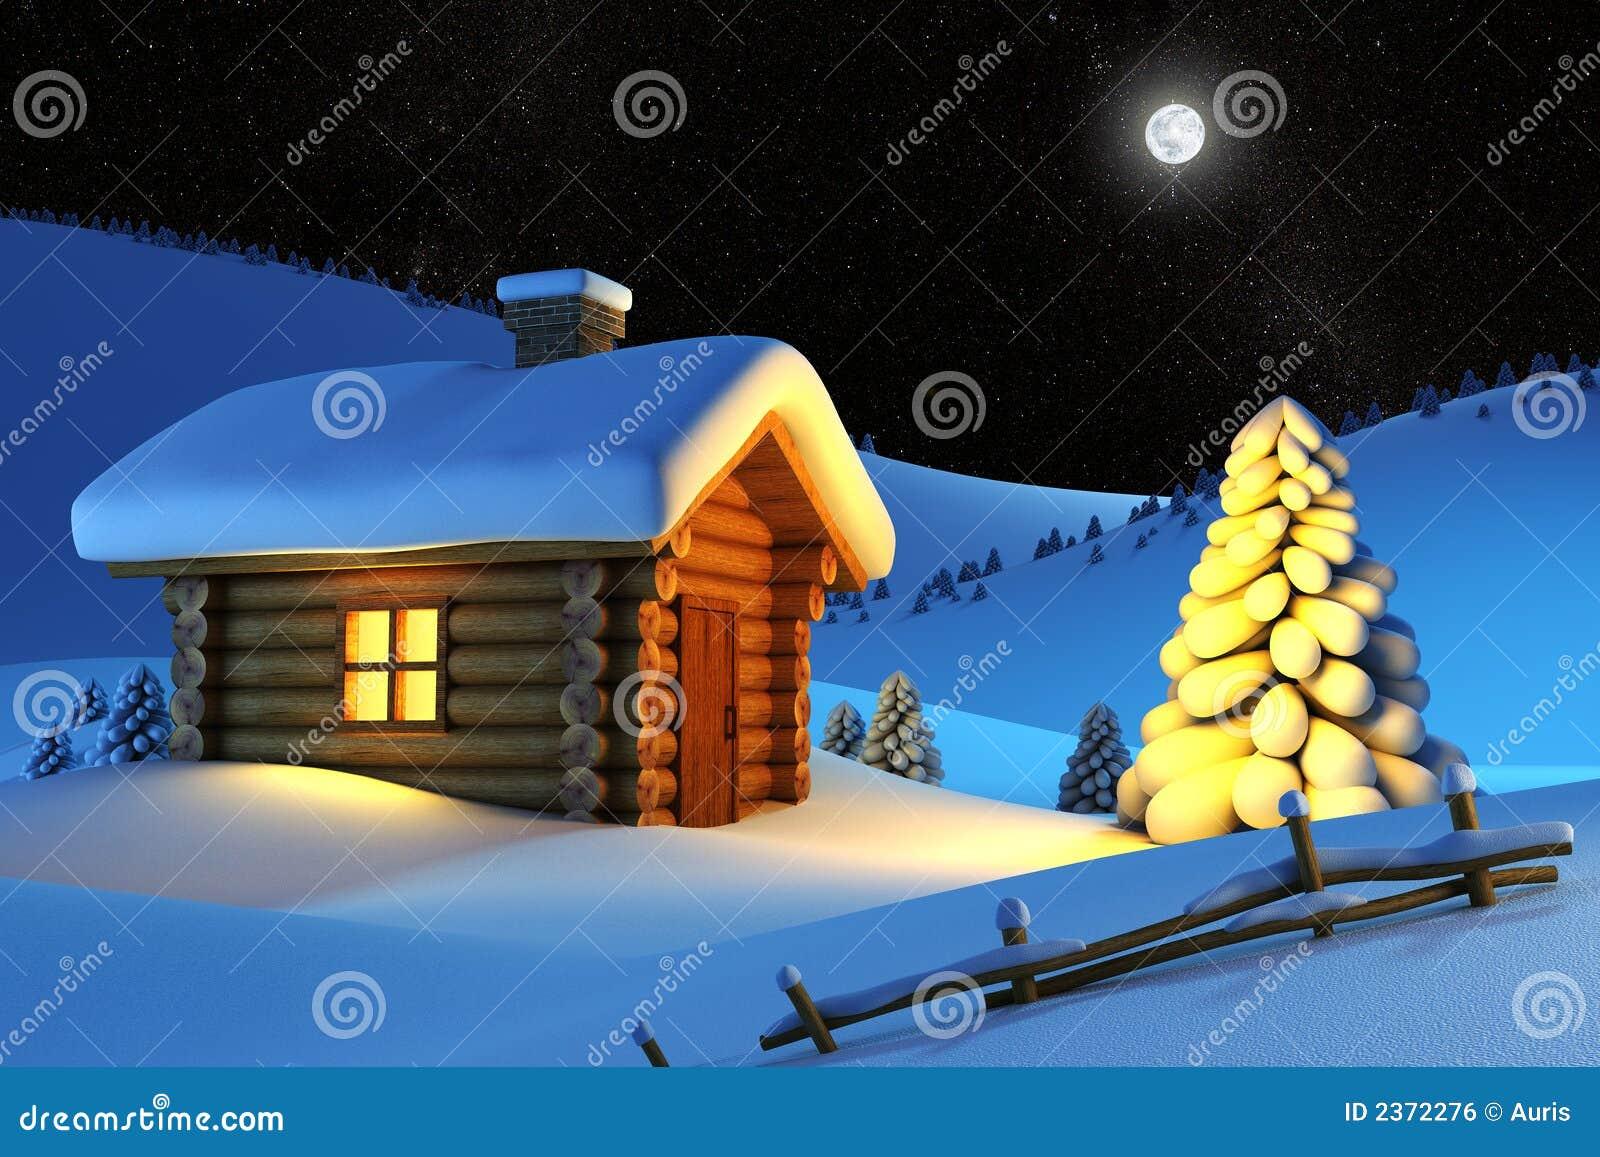 Case Di Montagna A Natale : Case da sogno in montagna